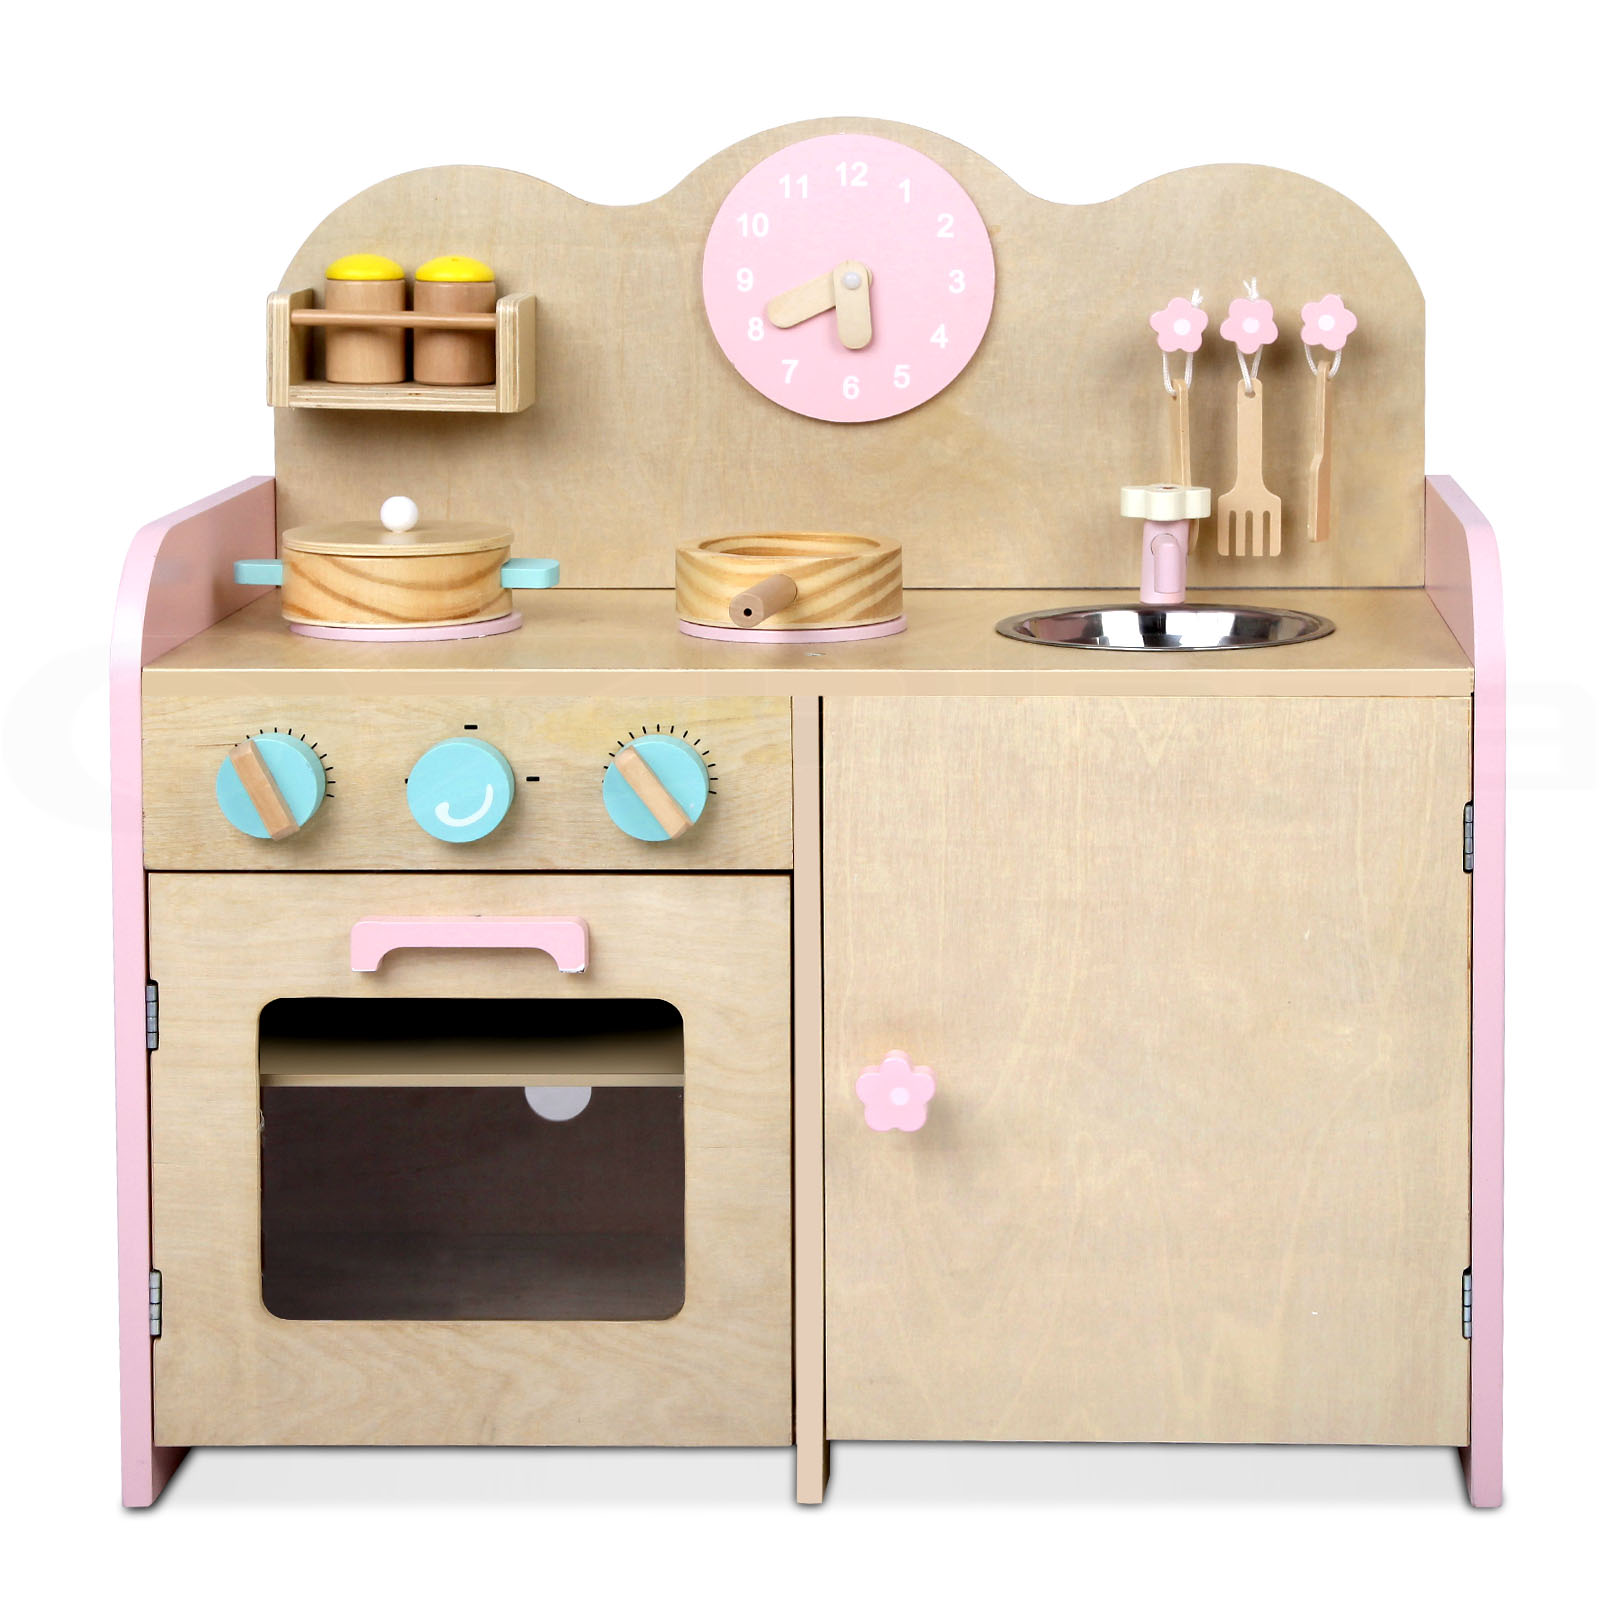 Kids Wooden Pretend Play Kitchen Set Toy Toddlers Market